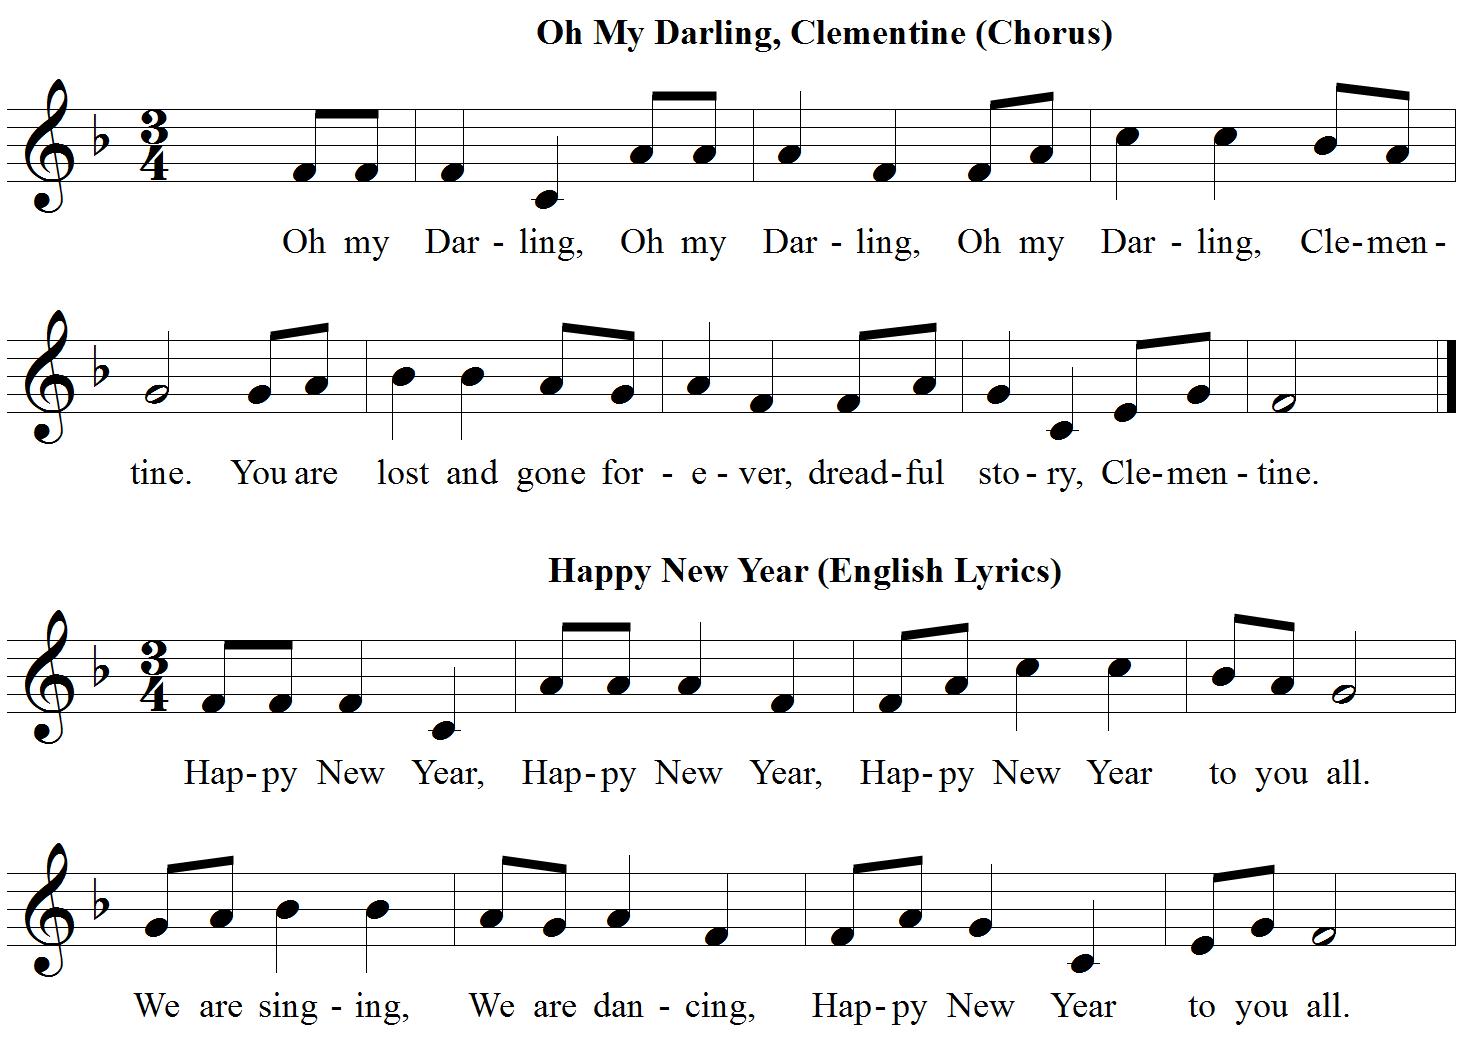 Happy New Year | Piano Tiles Wiki | FANDOM powered by Wikia